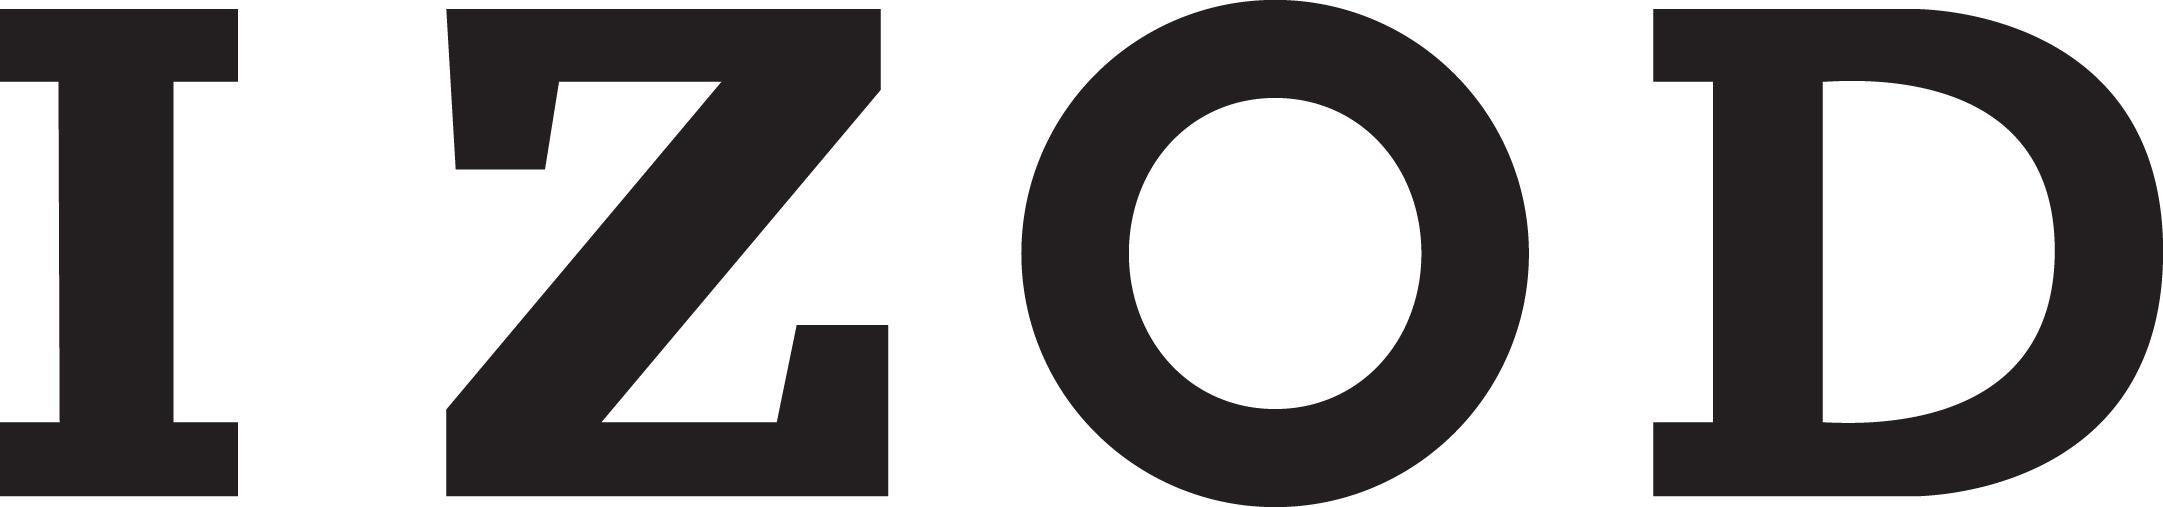 Logo for izod